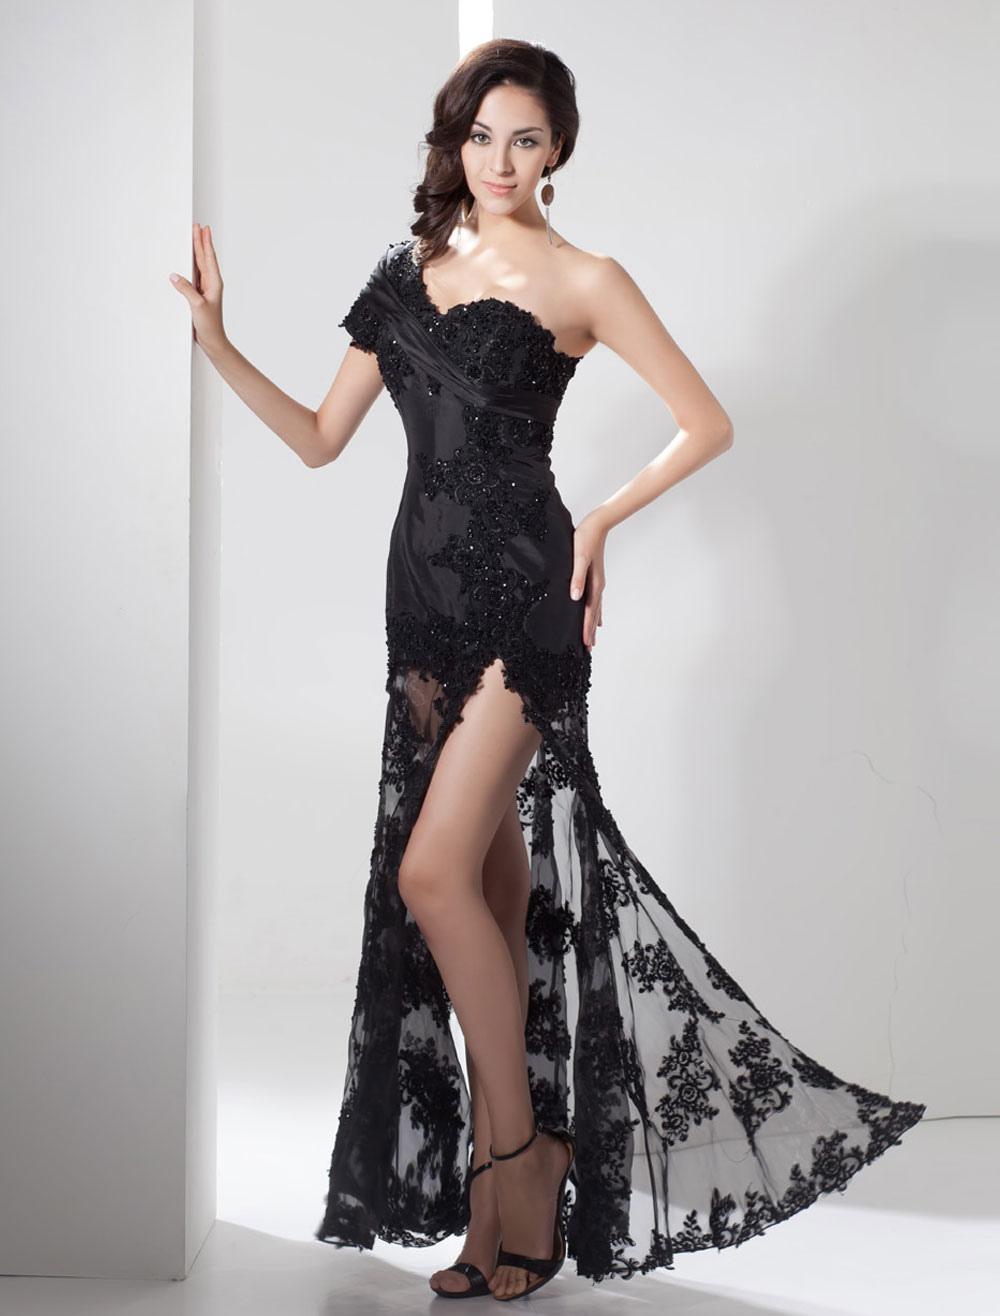 Slit Evening Dress Illusion Train Lace Applique Beading One Shoulder Side Split Maxi Party Dress Milanoo